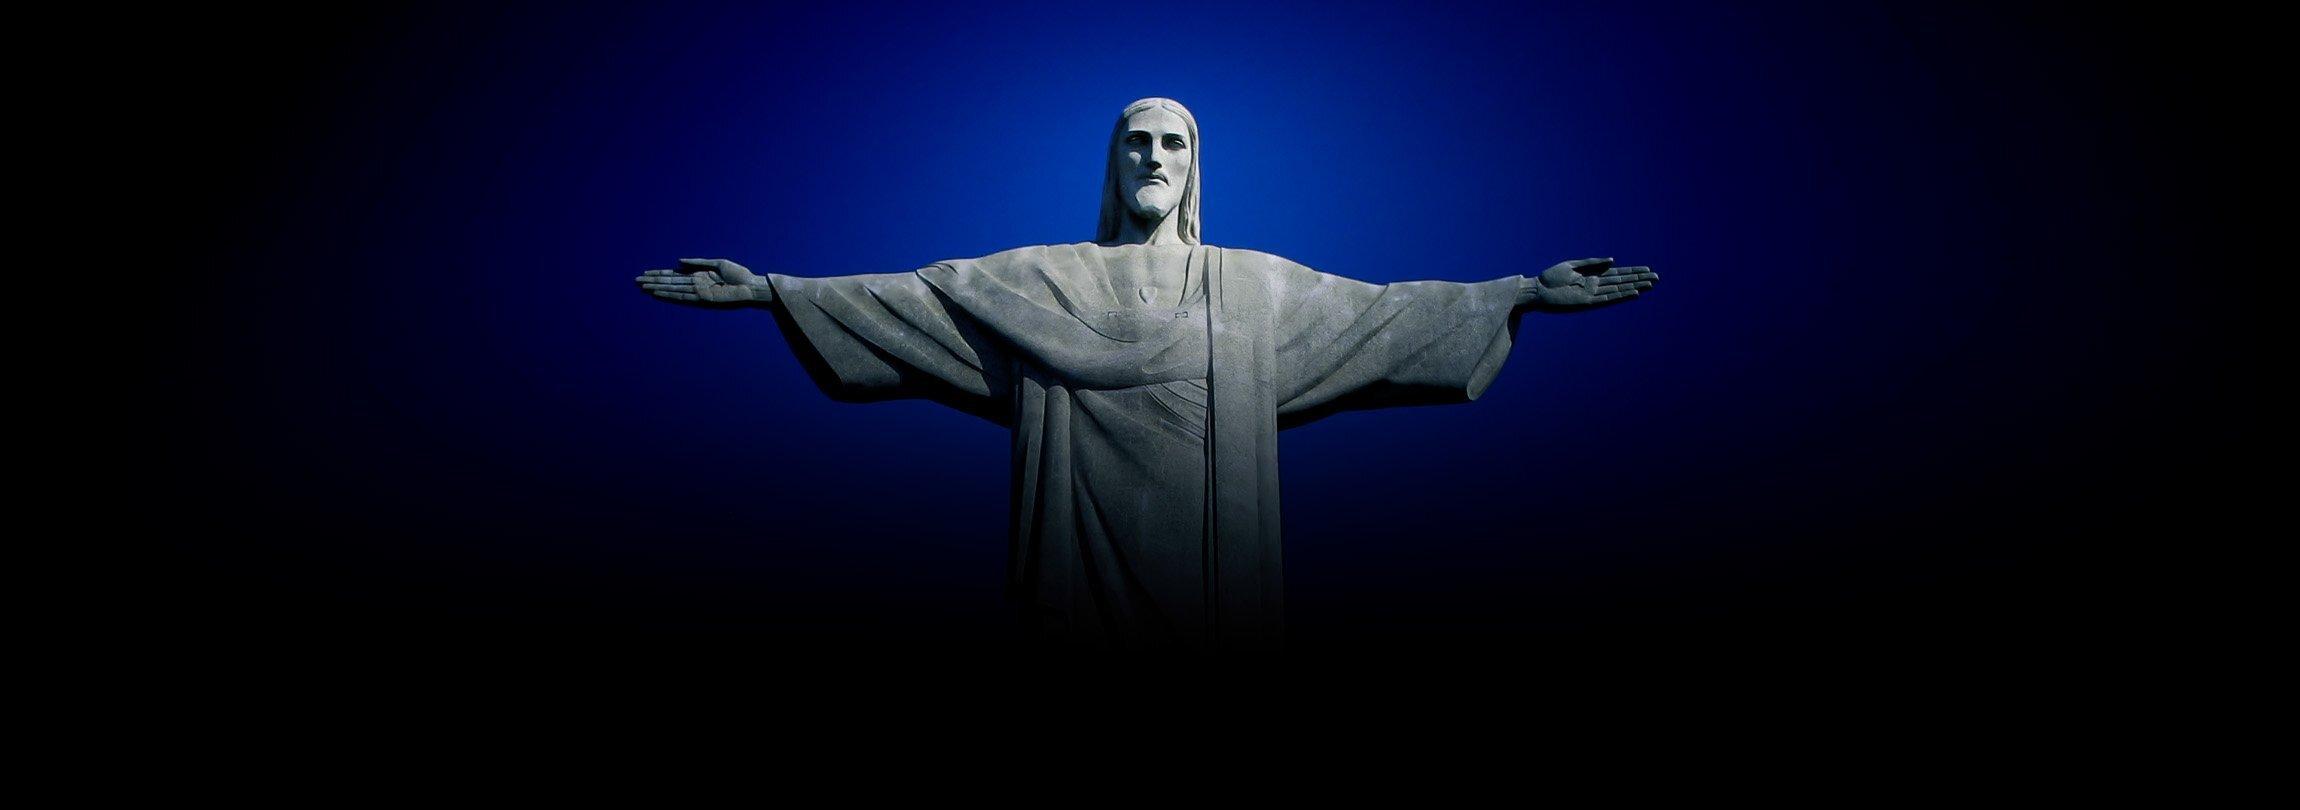 O Cristo Redentor e seu significado para o Brasil